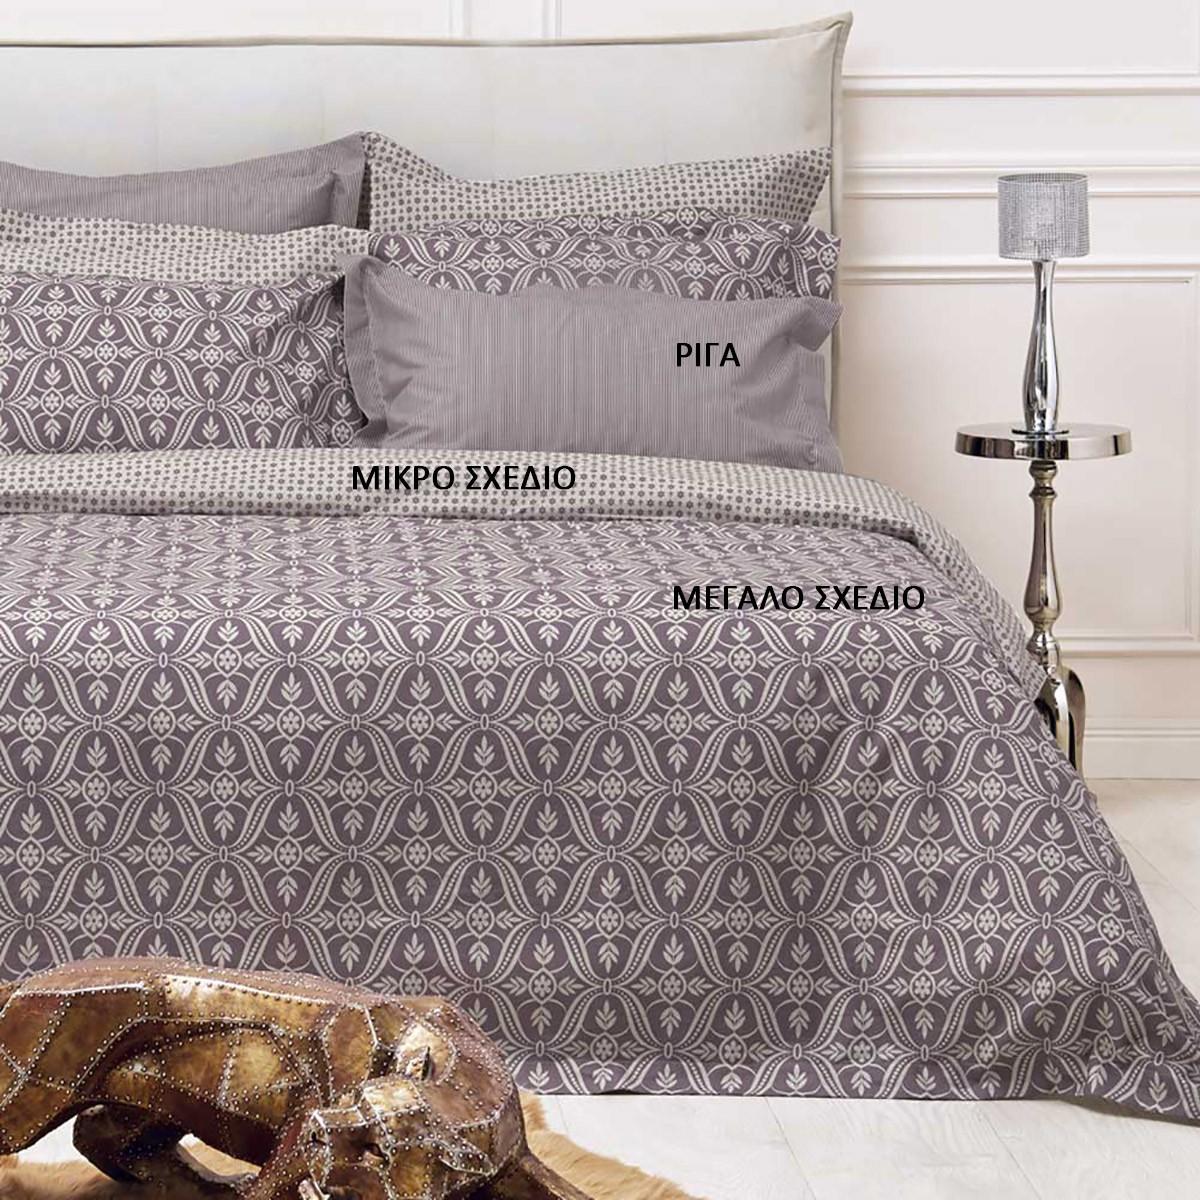 Σεντόνι Υπέρδιπλo Kentia Carmen 42 Μικρό Σχέδιο home   κρεβατοκάμαρα   σεντόνια   σεντόνια μεμονωμένα